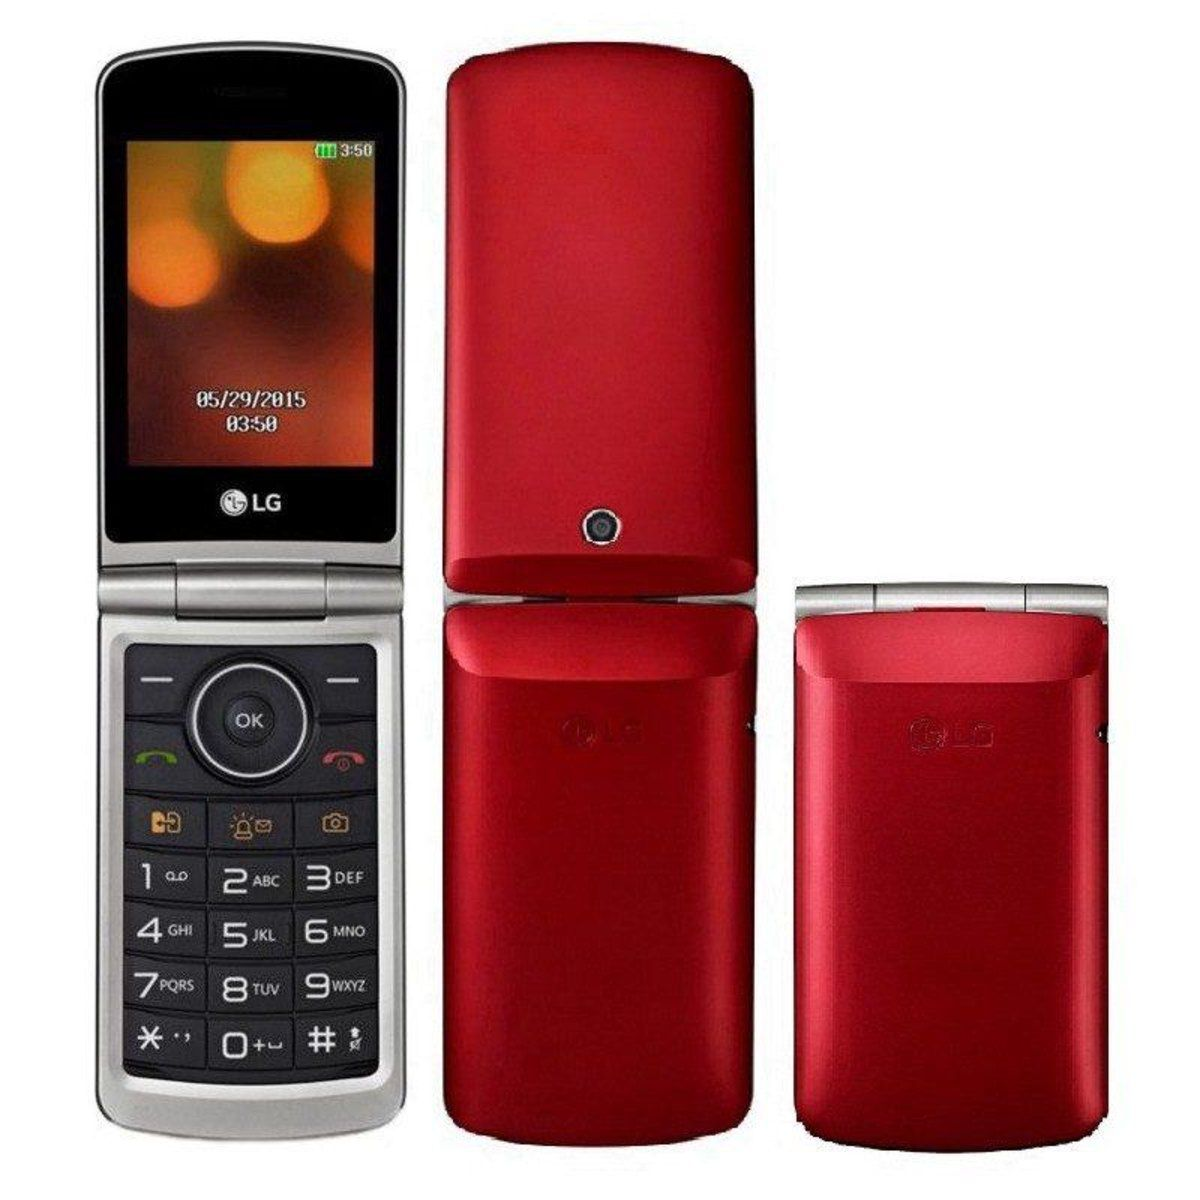 """af9ecfdae77 Celular LG G360 flip Dual Sim Tela 3.0"""" Câmera, Rádio Fm Vermelho ..."""